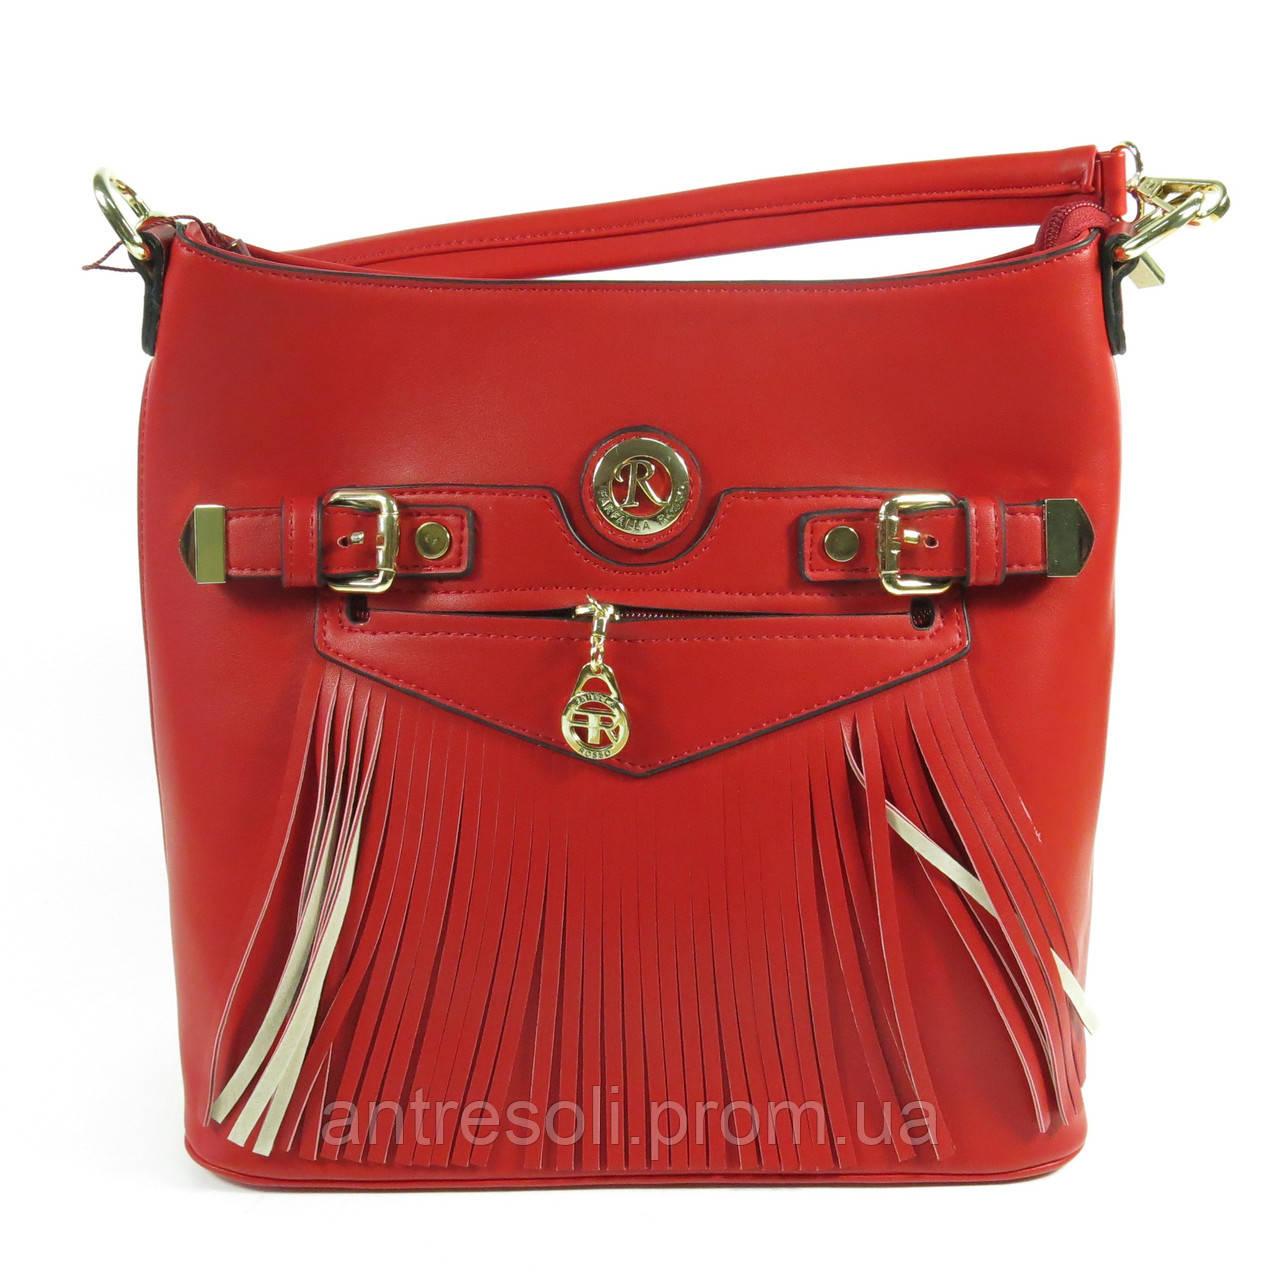 Красная сумка через плечо женская